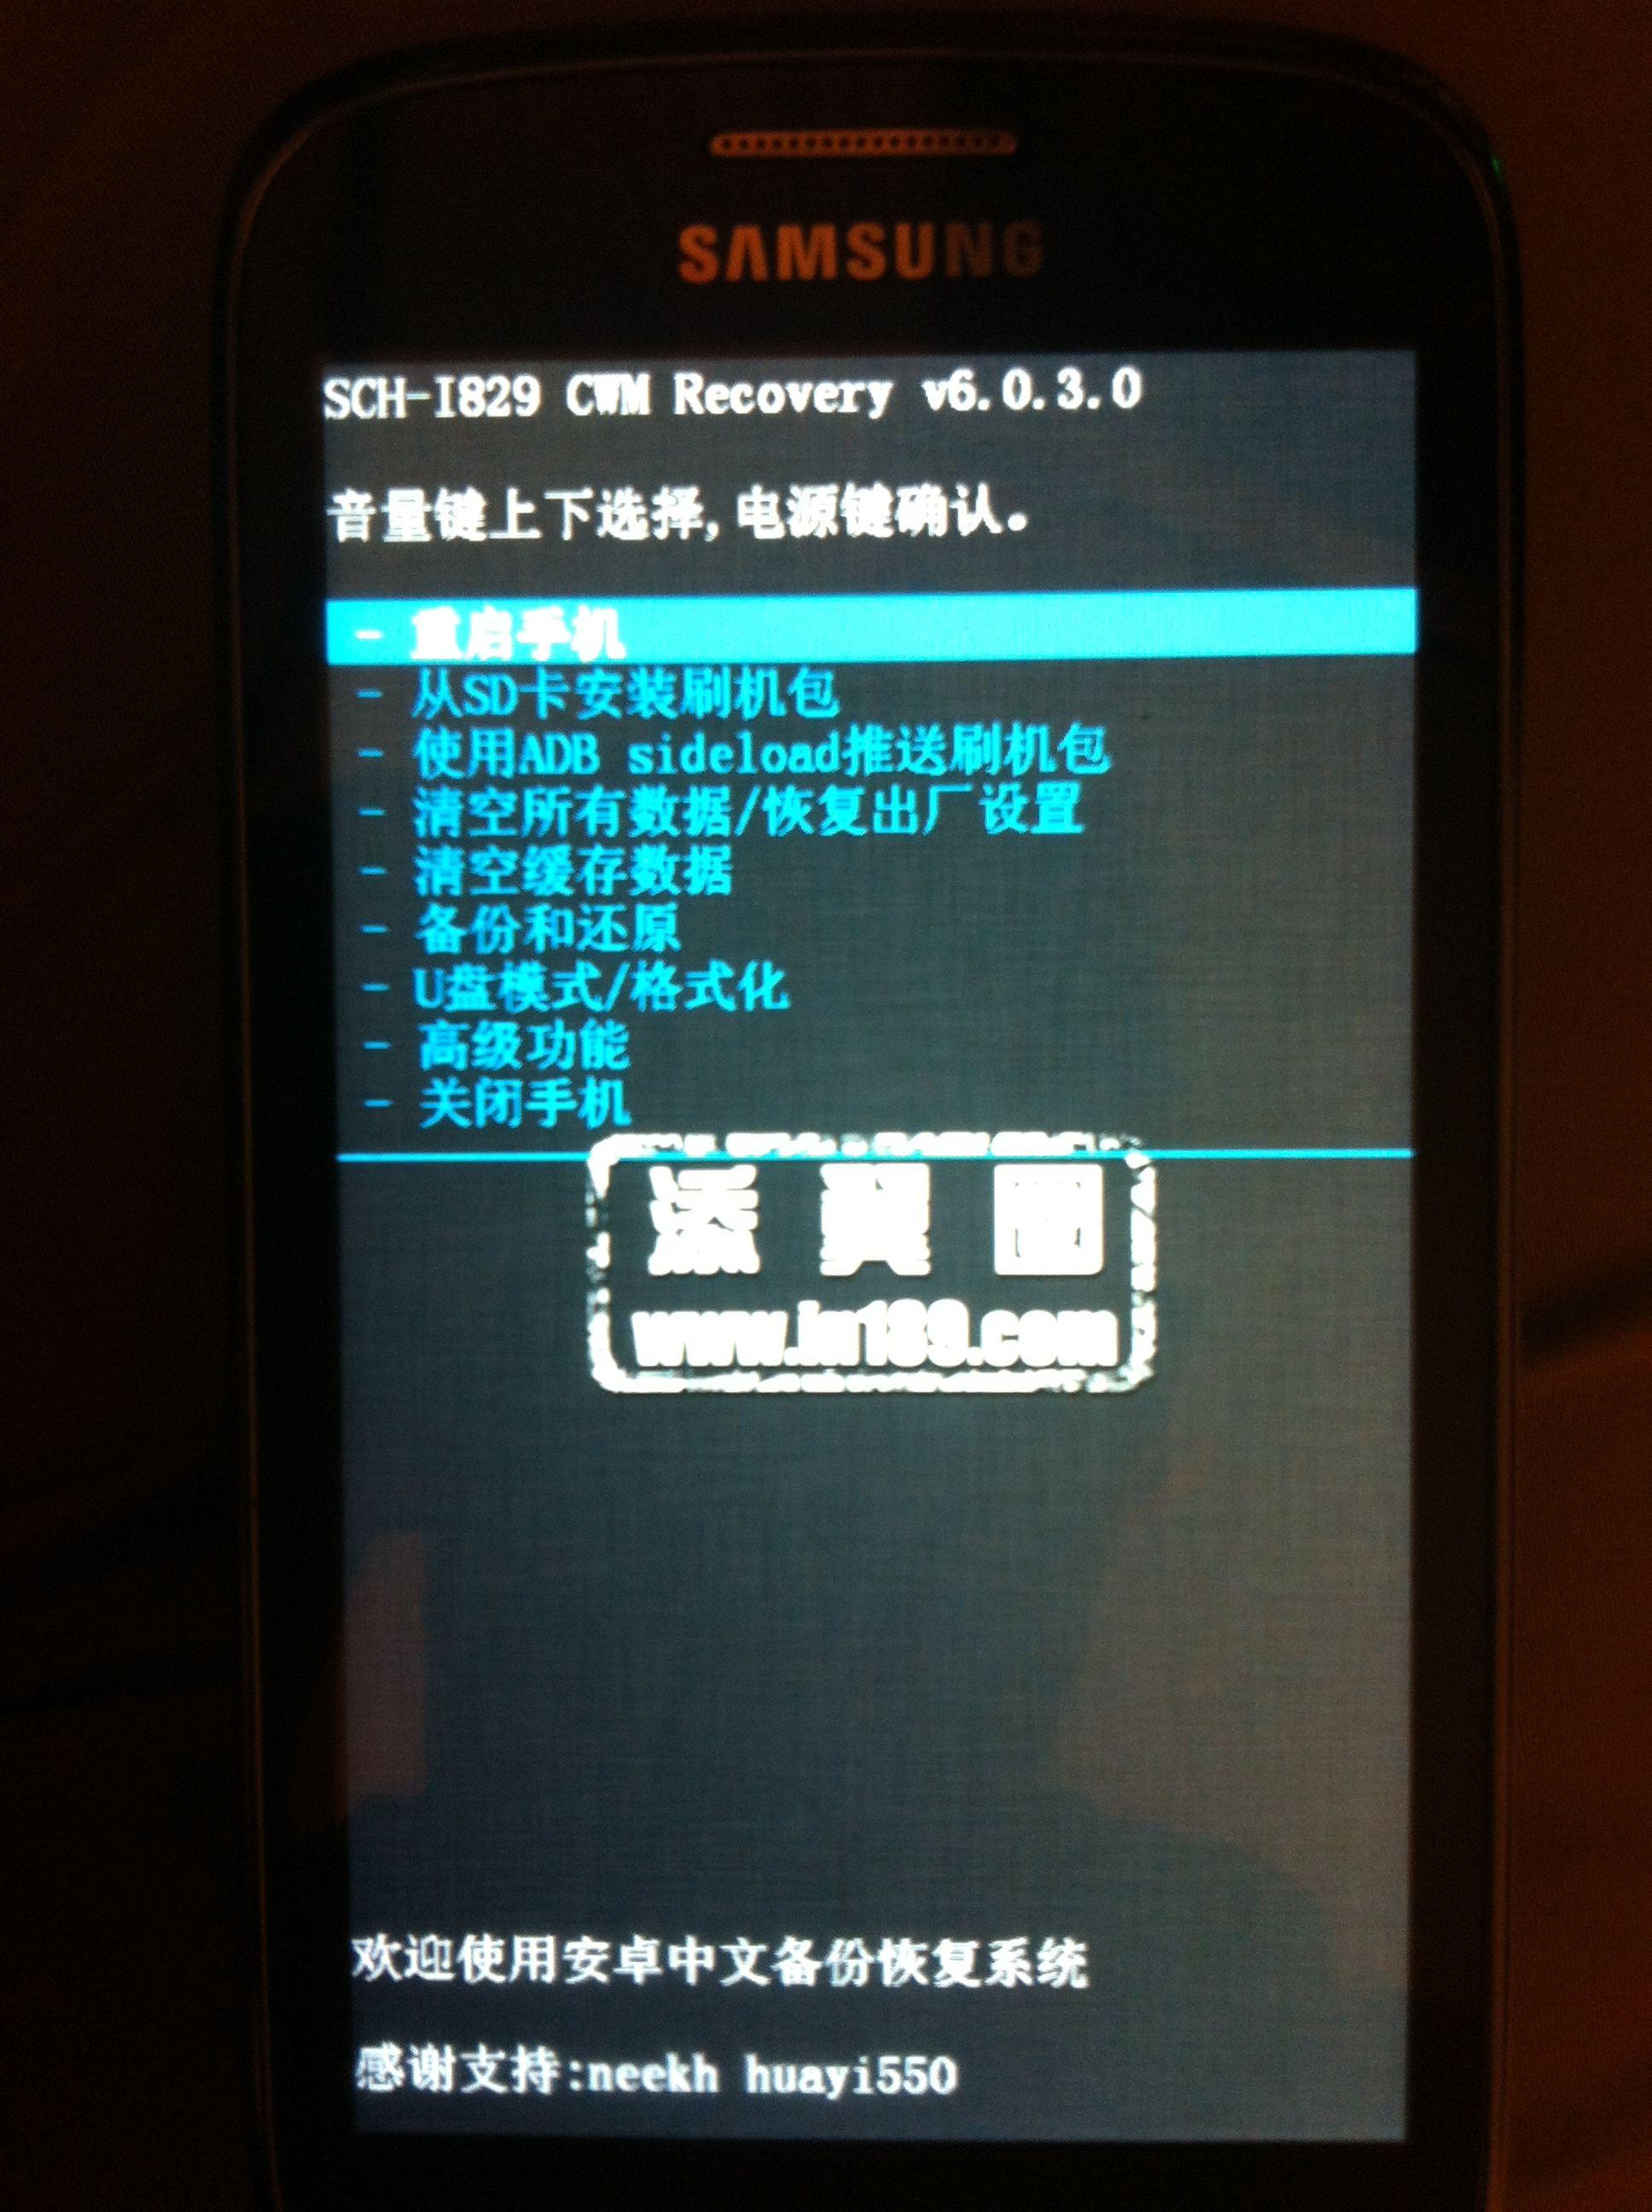 若您需要的是i829毛线,三星手机未下载刷机包使用手机,如果地址提供官方钩手机套图片